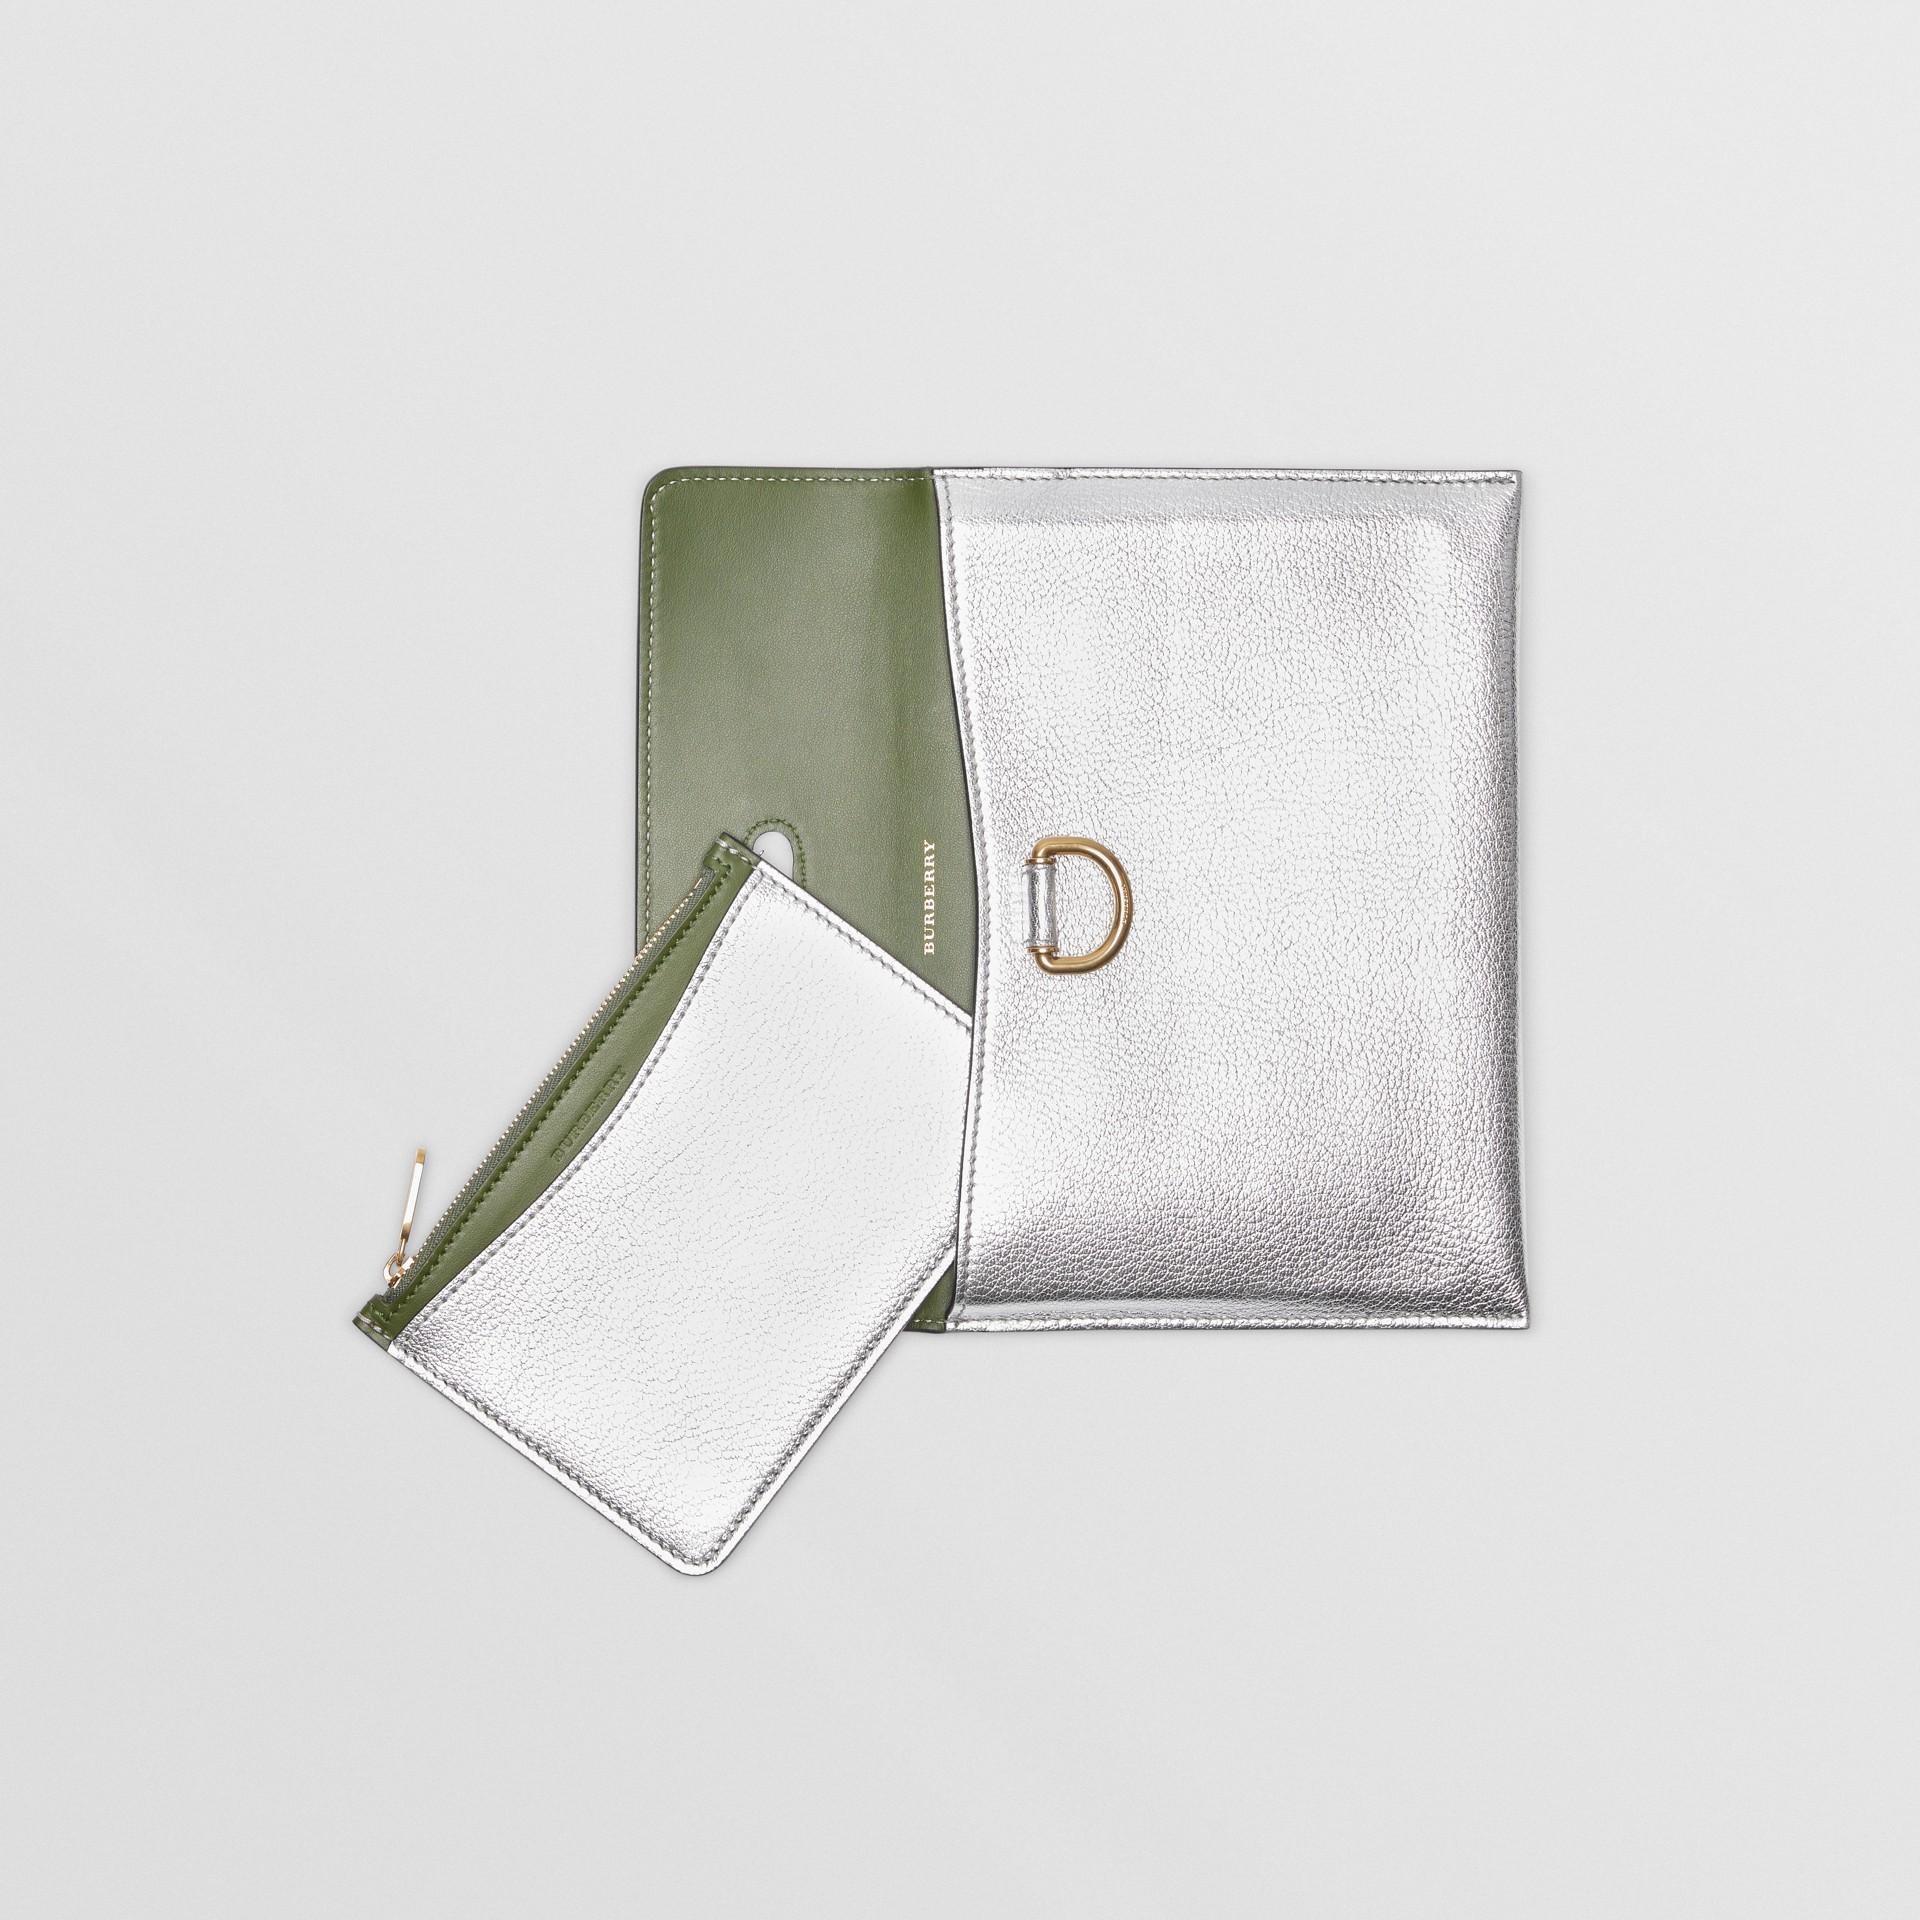 Bolsa pouch de couro metalizado com argola em D e porta-moedas (Prateado) - Mulheres | Burberry - galeria de imagens 6